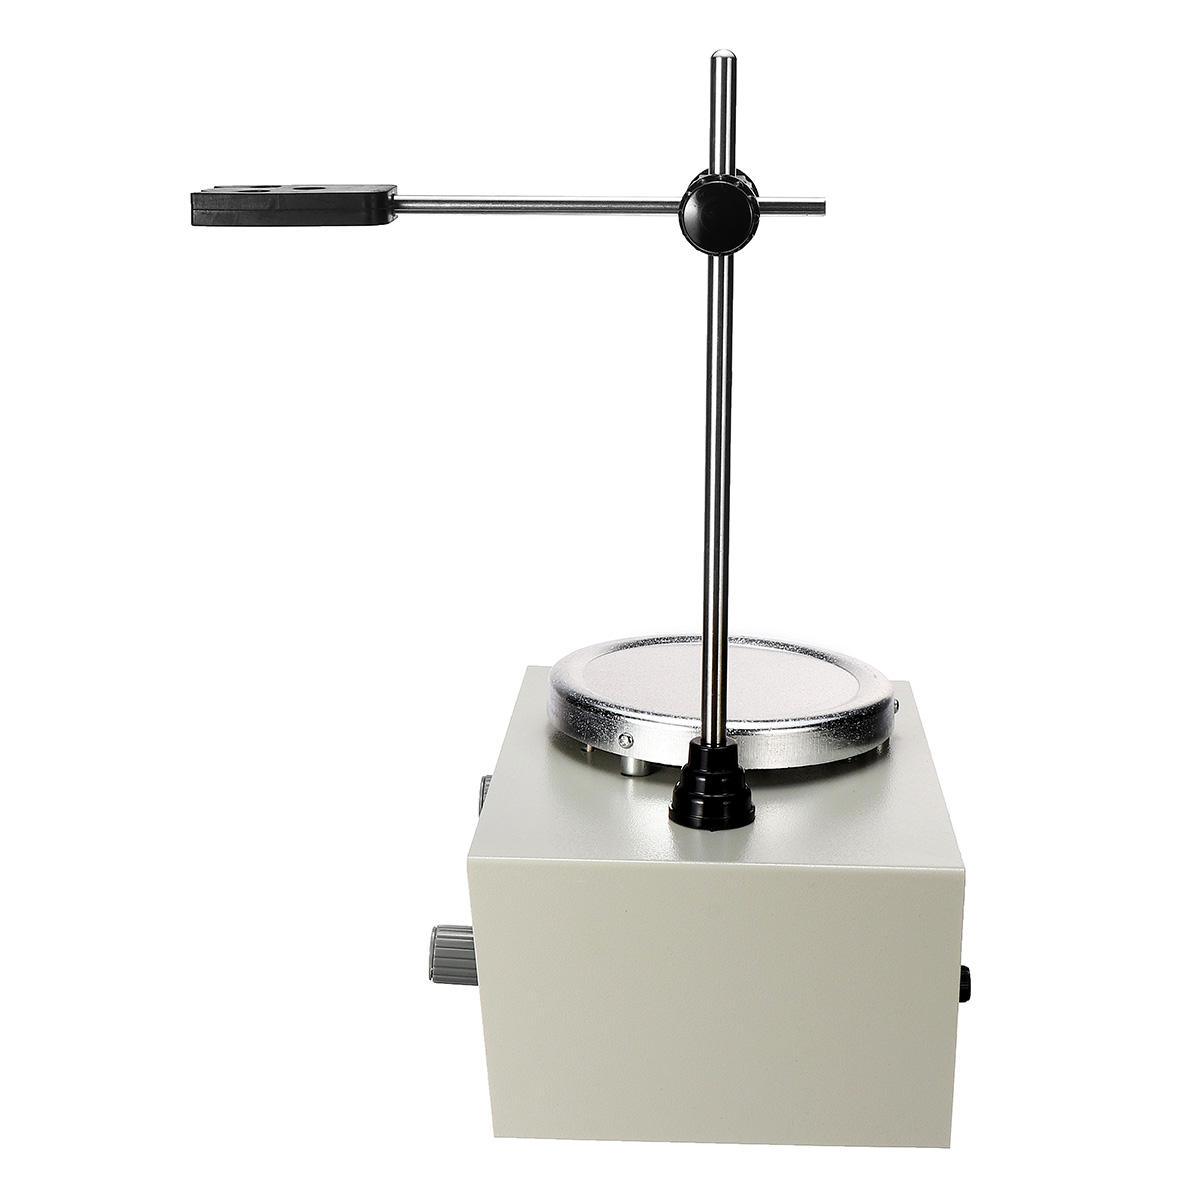 Agitateur magnétique à plaque chauffante chauffage de laboratoire 79-1 110/220 V 250 W 1000 ml mélangeur à double commande US/AU/EU Protection contre les fusibles anti-bruit/vibrations - 6